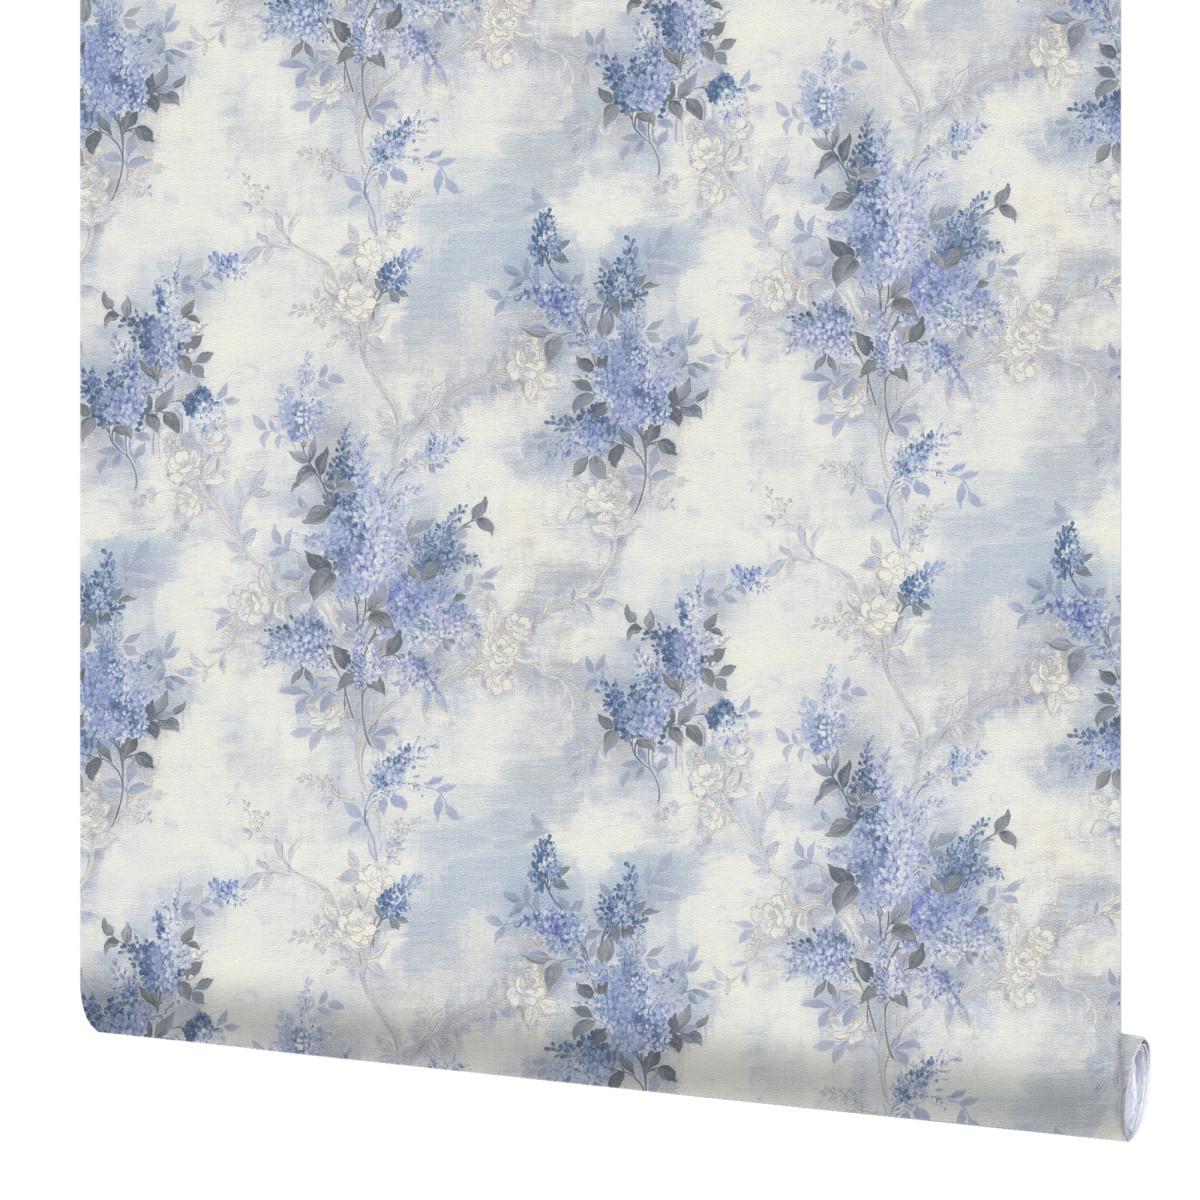 Обои флизелиновые Mistelo Сирень синие 1304-3 1.06 м